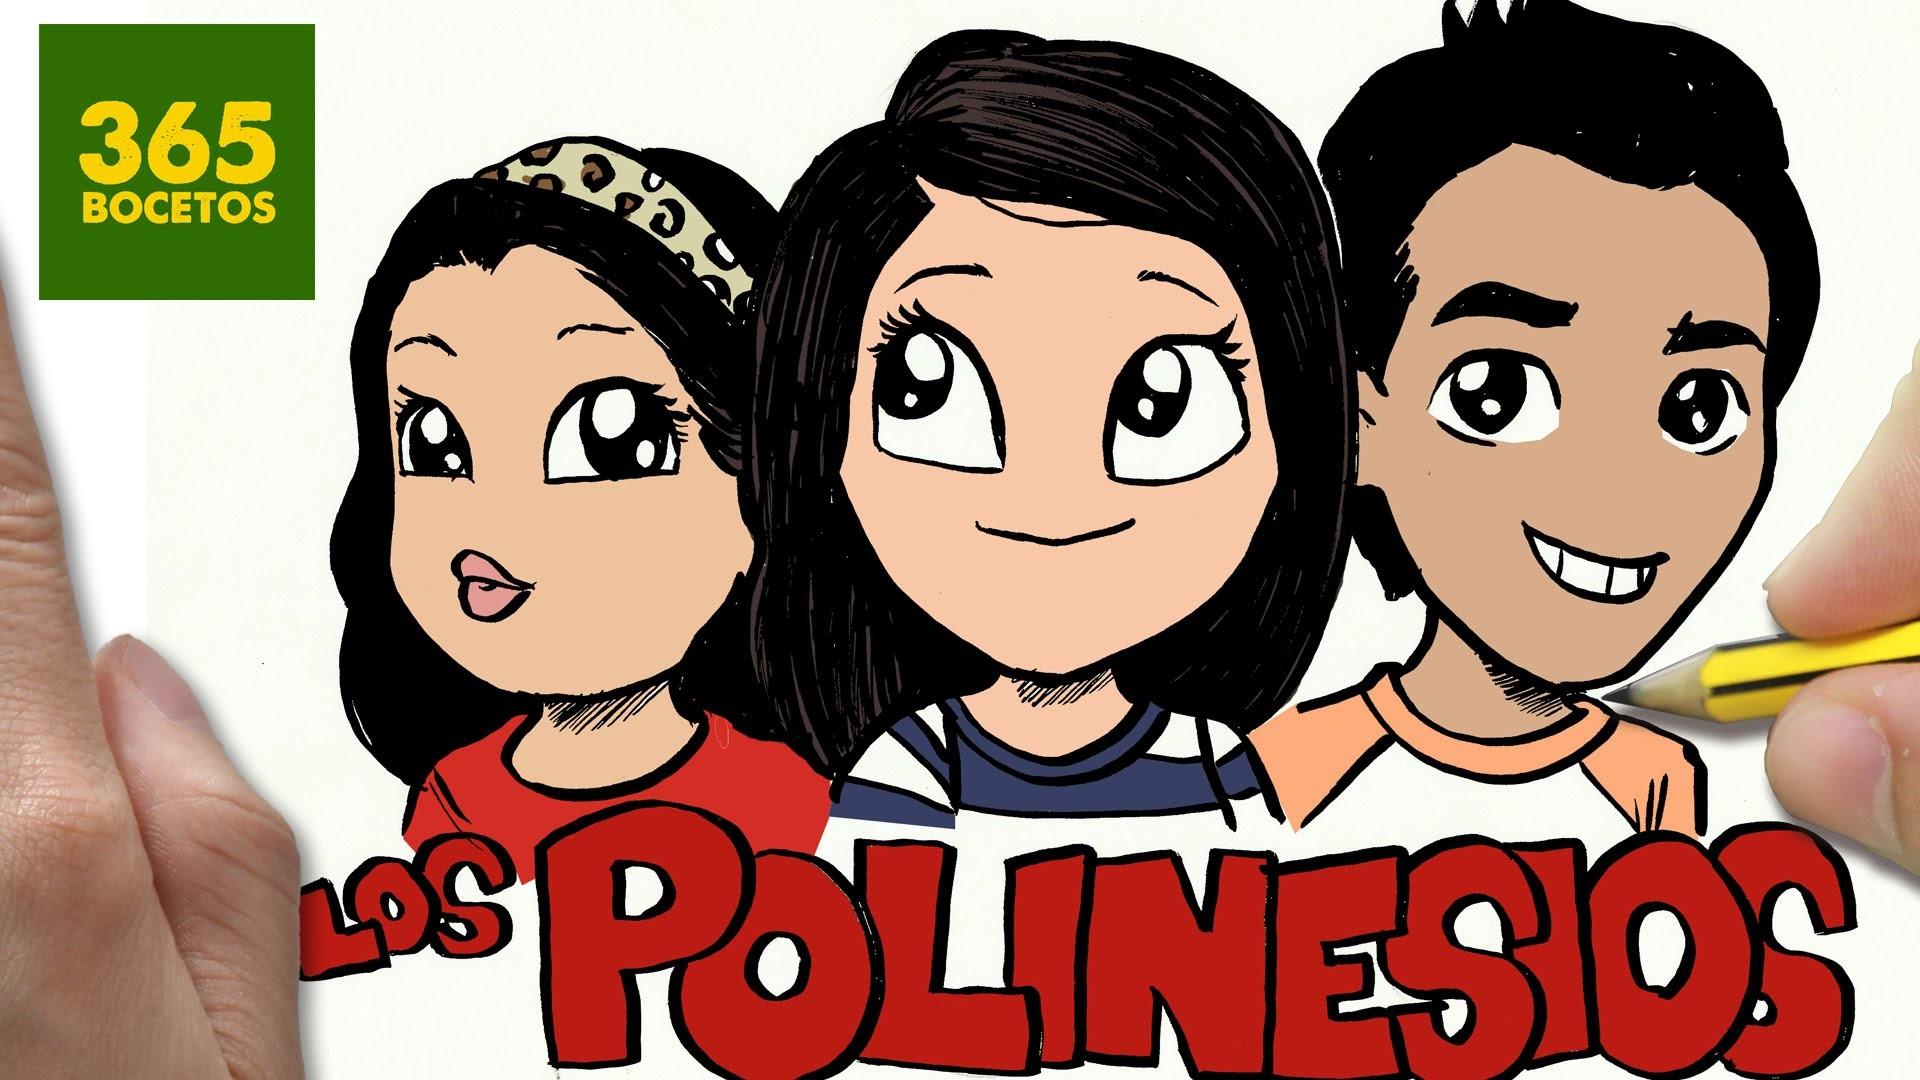 Como Dibujar Los Polinesios Kawaii Paso A Paso Dibujos Kawaii